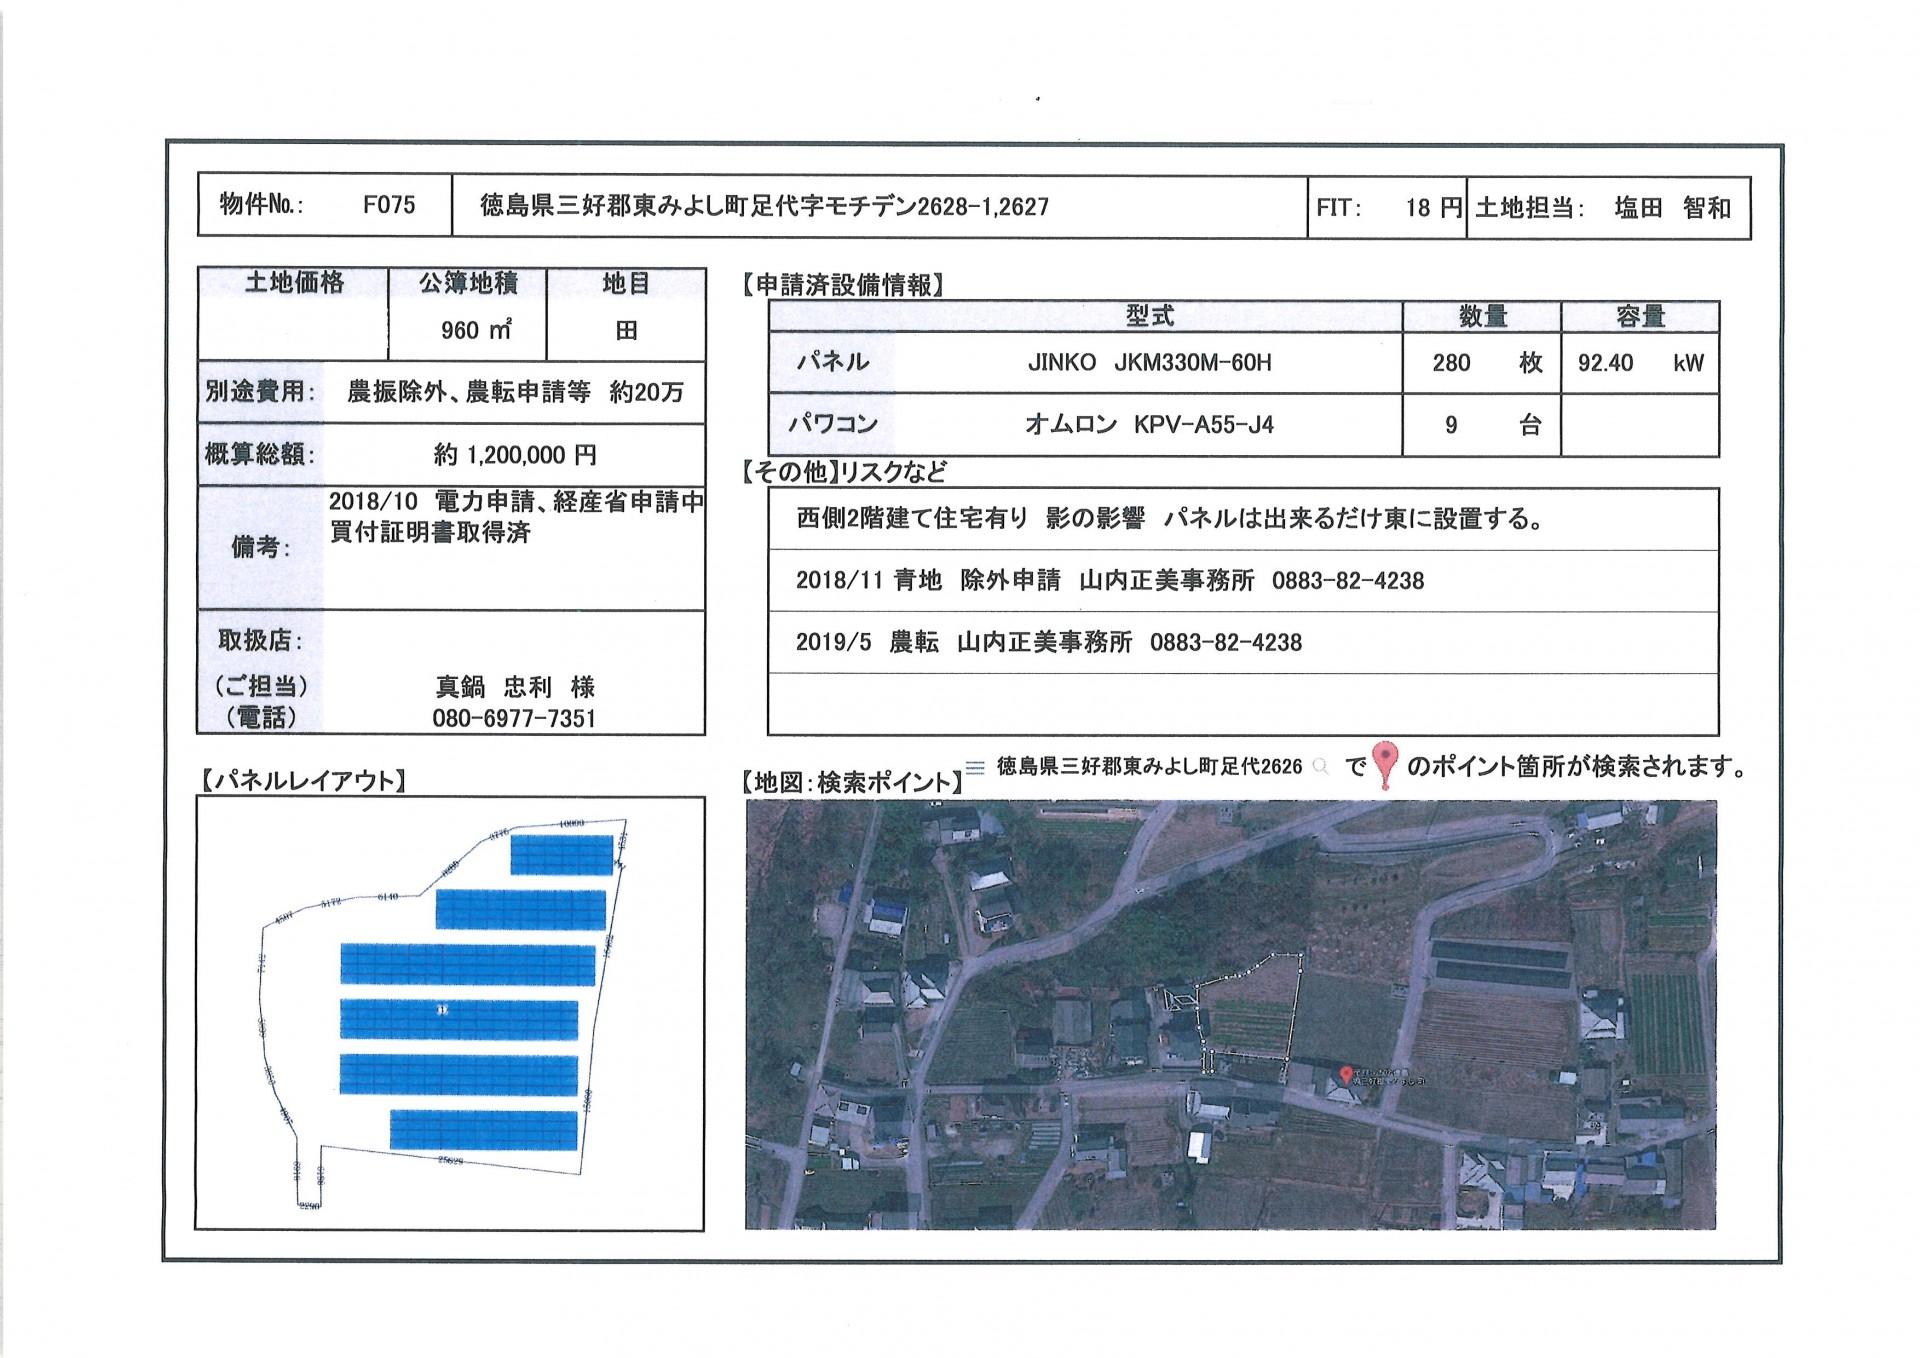 【JPN】FIT18円 徳島県三好郡東みよし町のメイン画像